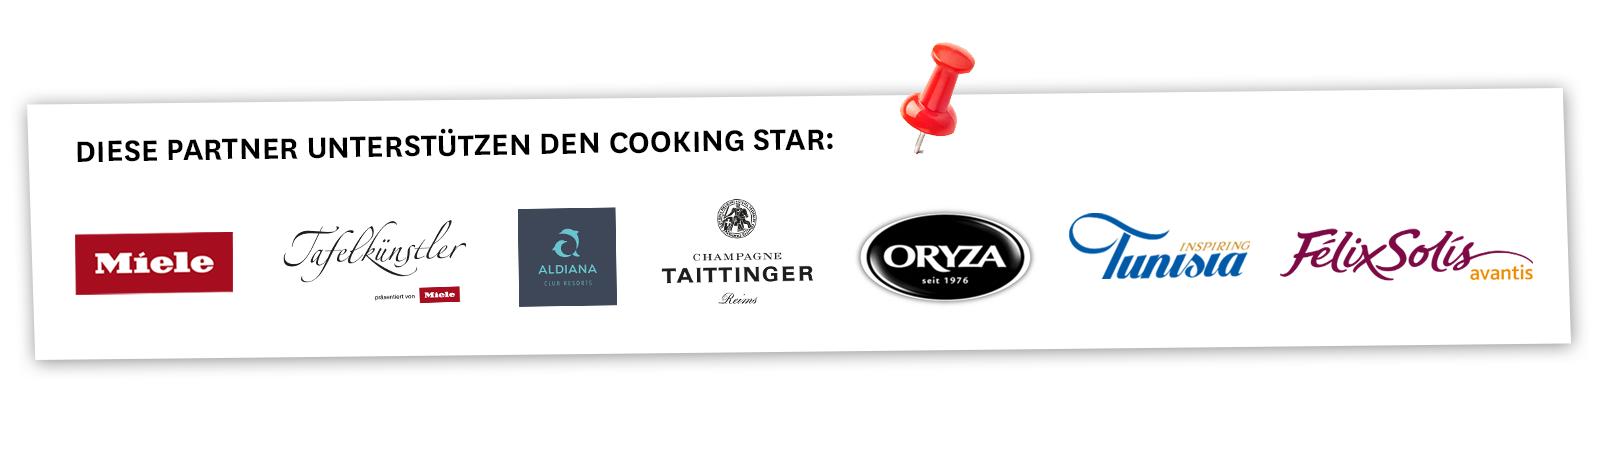 Cooking Star Logos